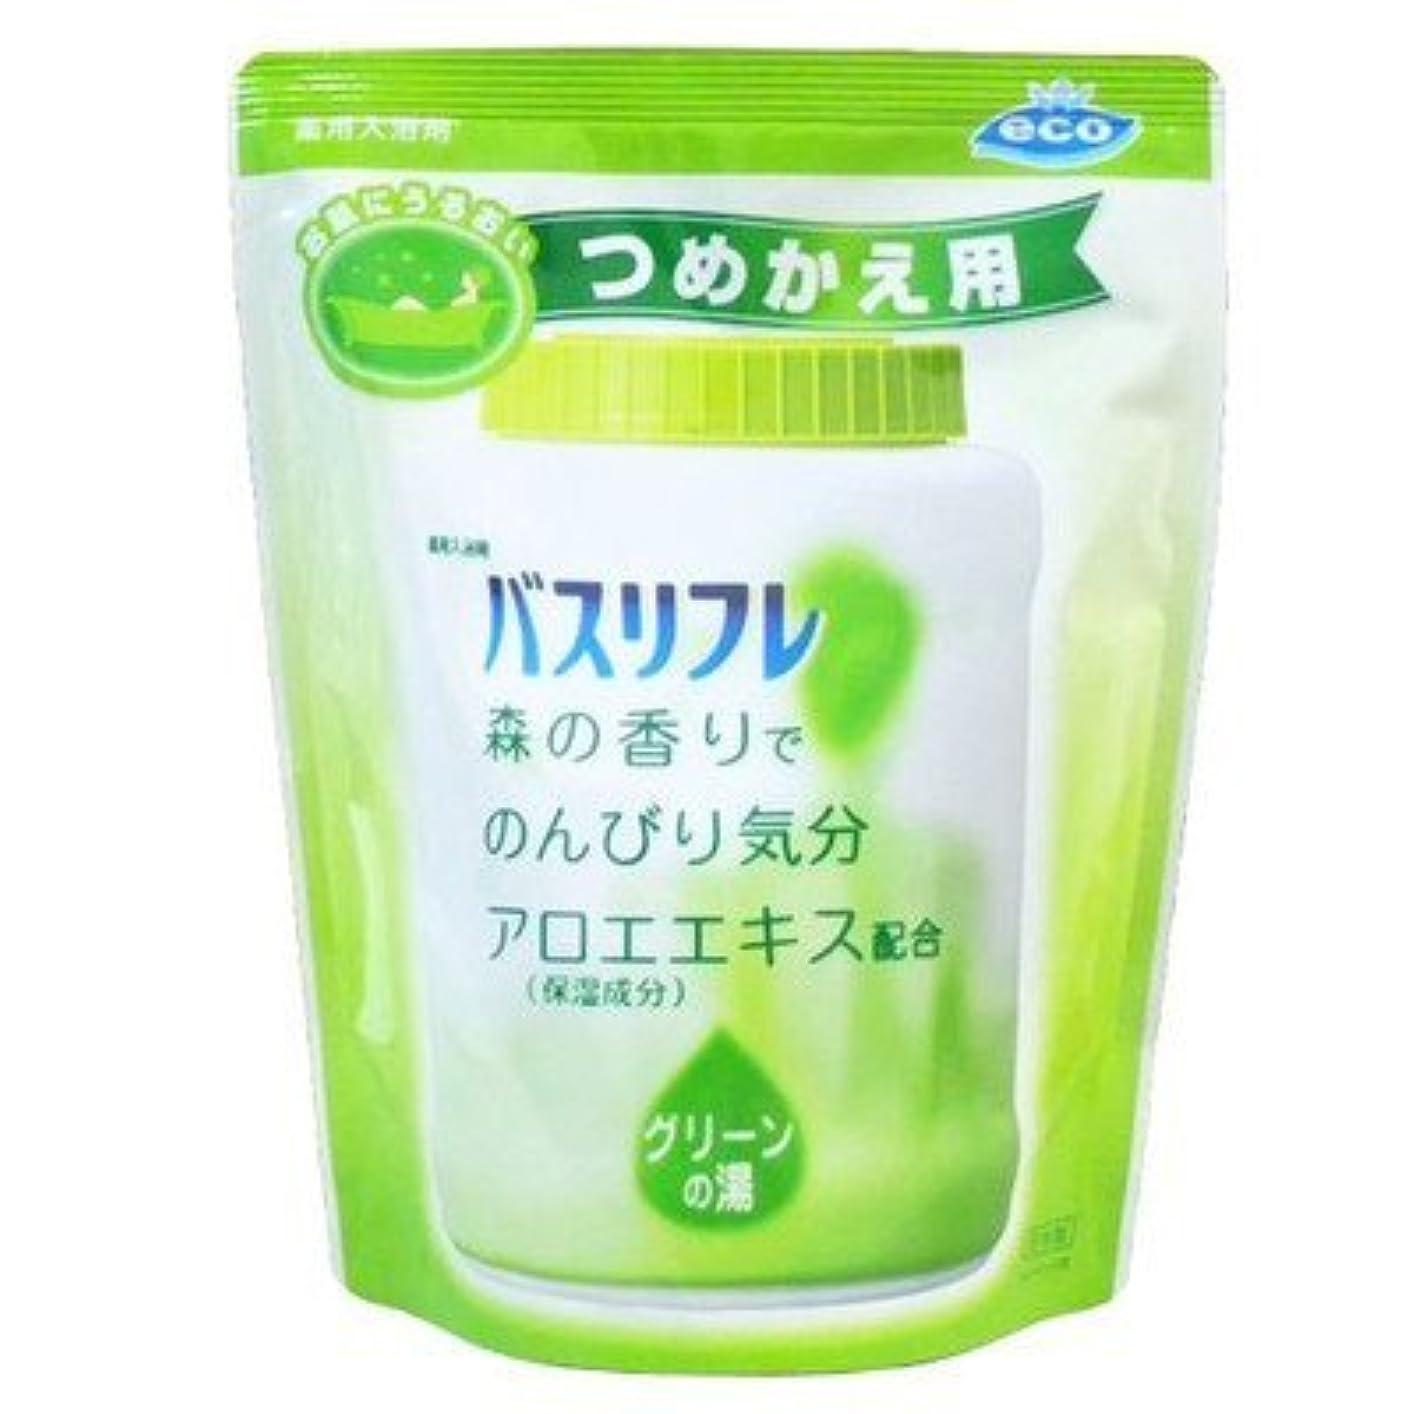 器具プレビスサイトかなり薬用入浴剤 バスリフレ グリーンの湯 つめかえ用 540g 森の香り (ライオンケミカル) Japan